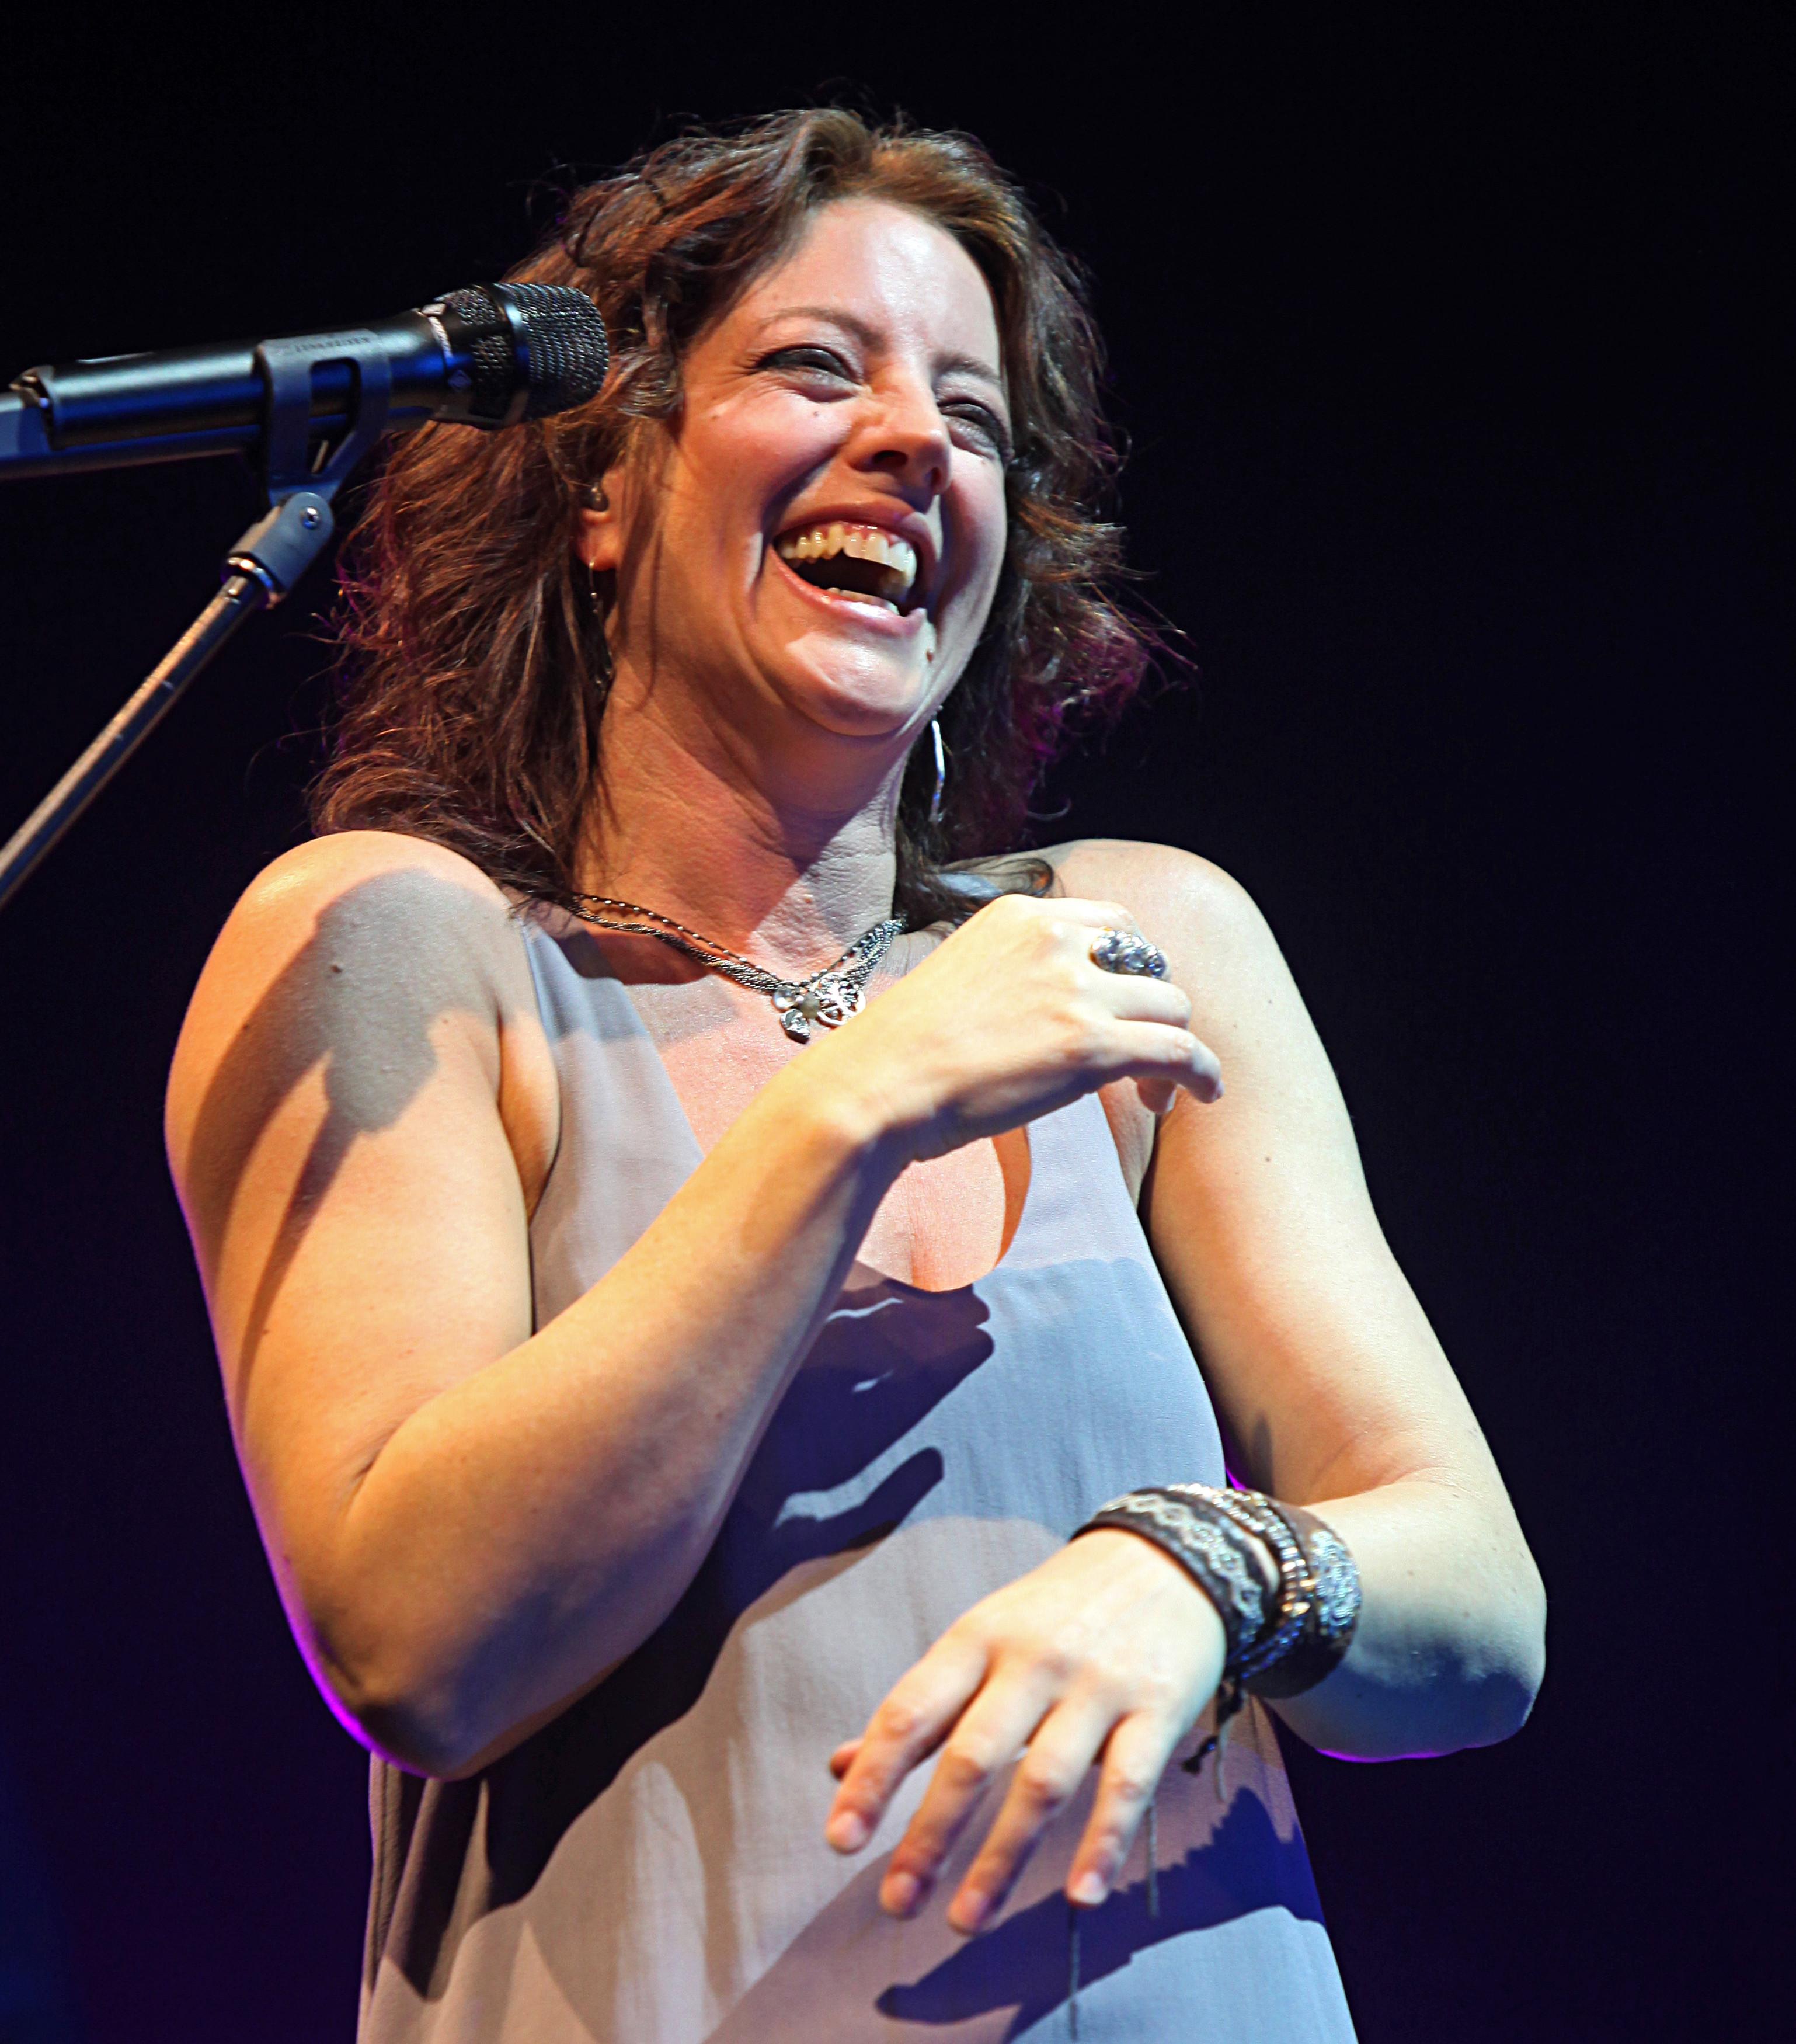 Concert Sarah Mclachlan